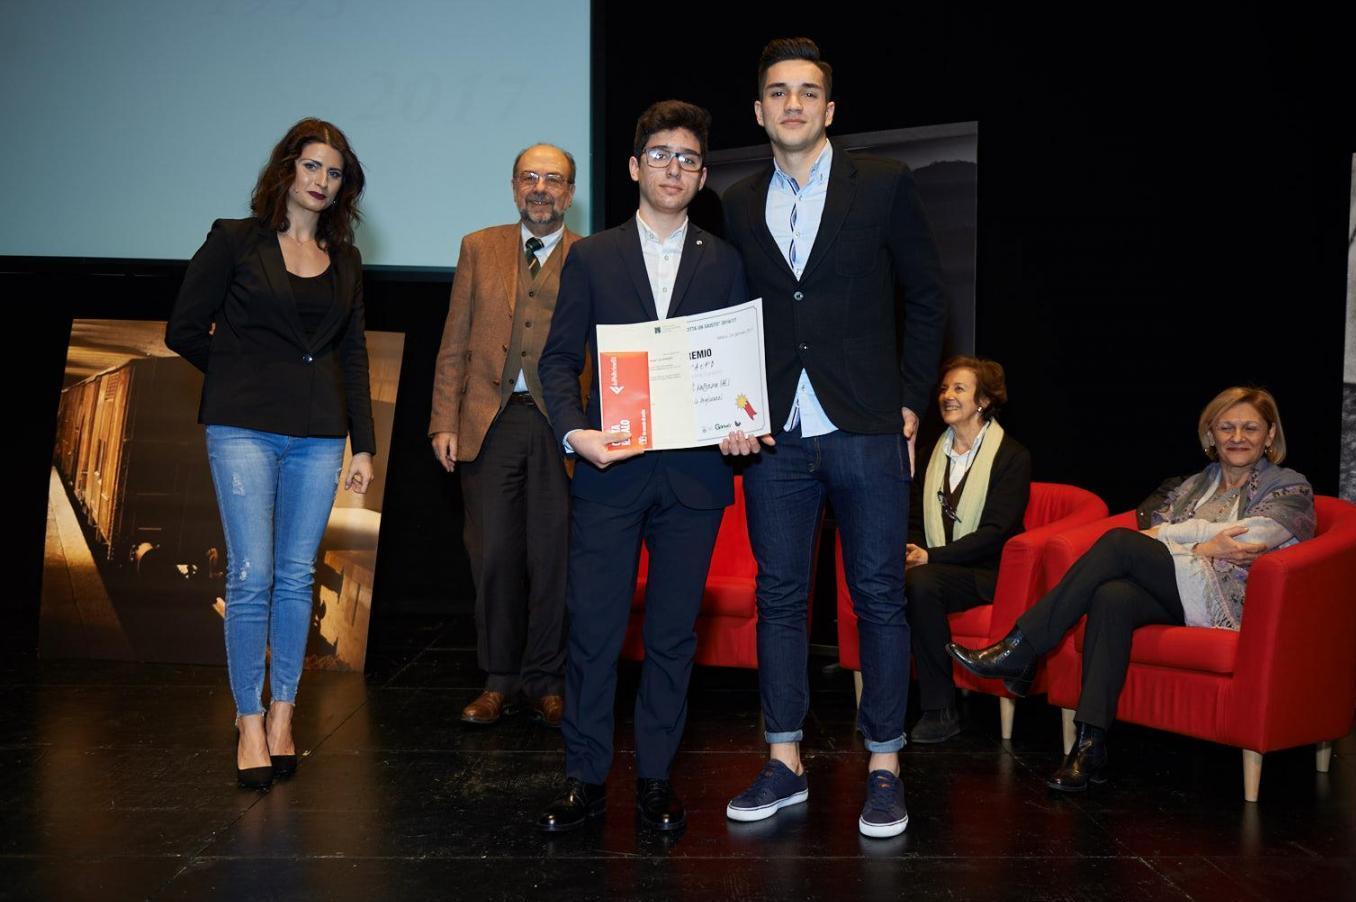 3rs prize ex aequo, 3A e 4B school B.Cellini from Valenza (AL)